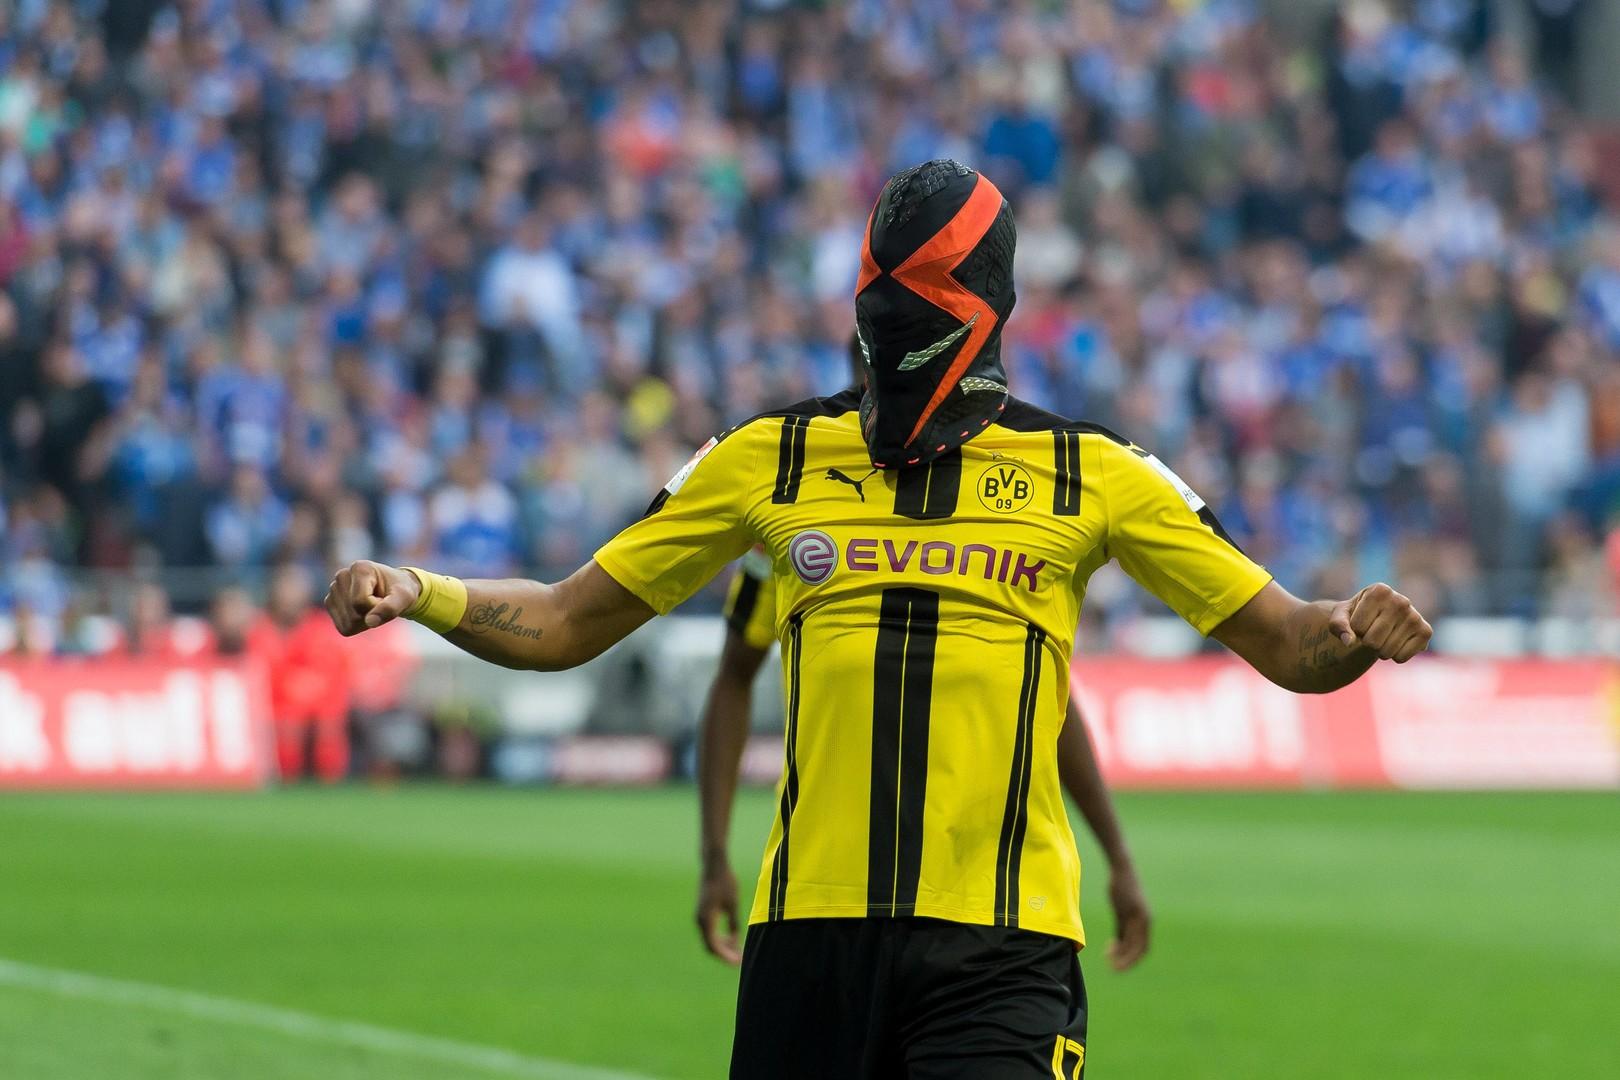 Человек-паук, драка фанатов «Арсенала» и 12:0 от «Барсы B»: футбольные выходные в Европе